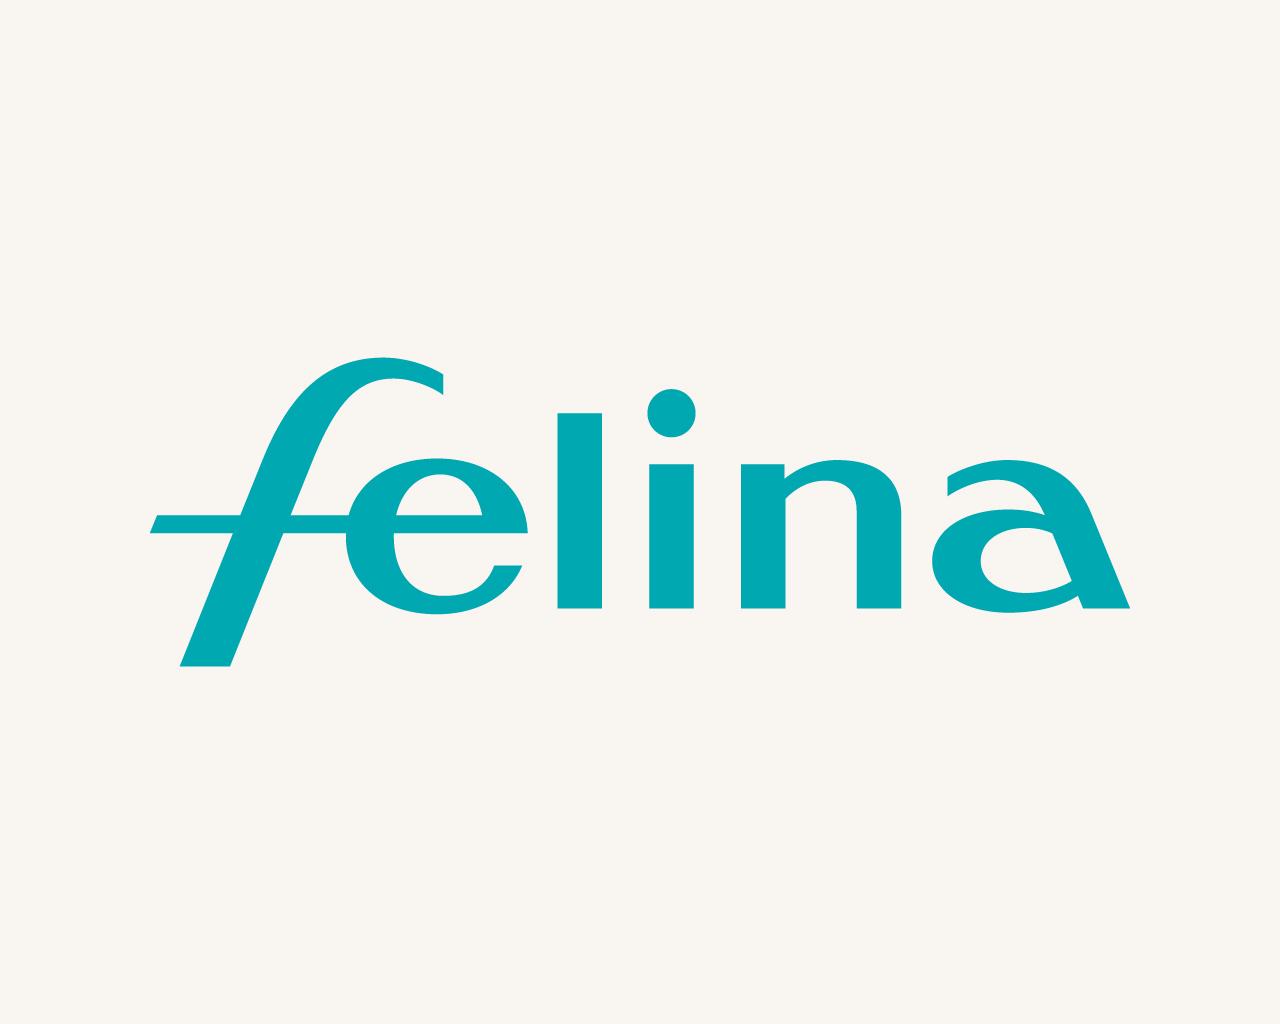 Felina bij Cleopatra Passie voor Lingerie in Horst aan de Maas